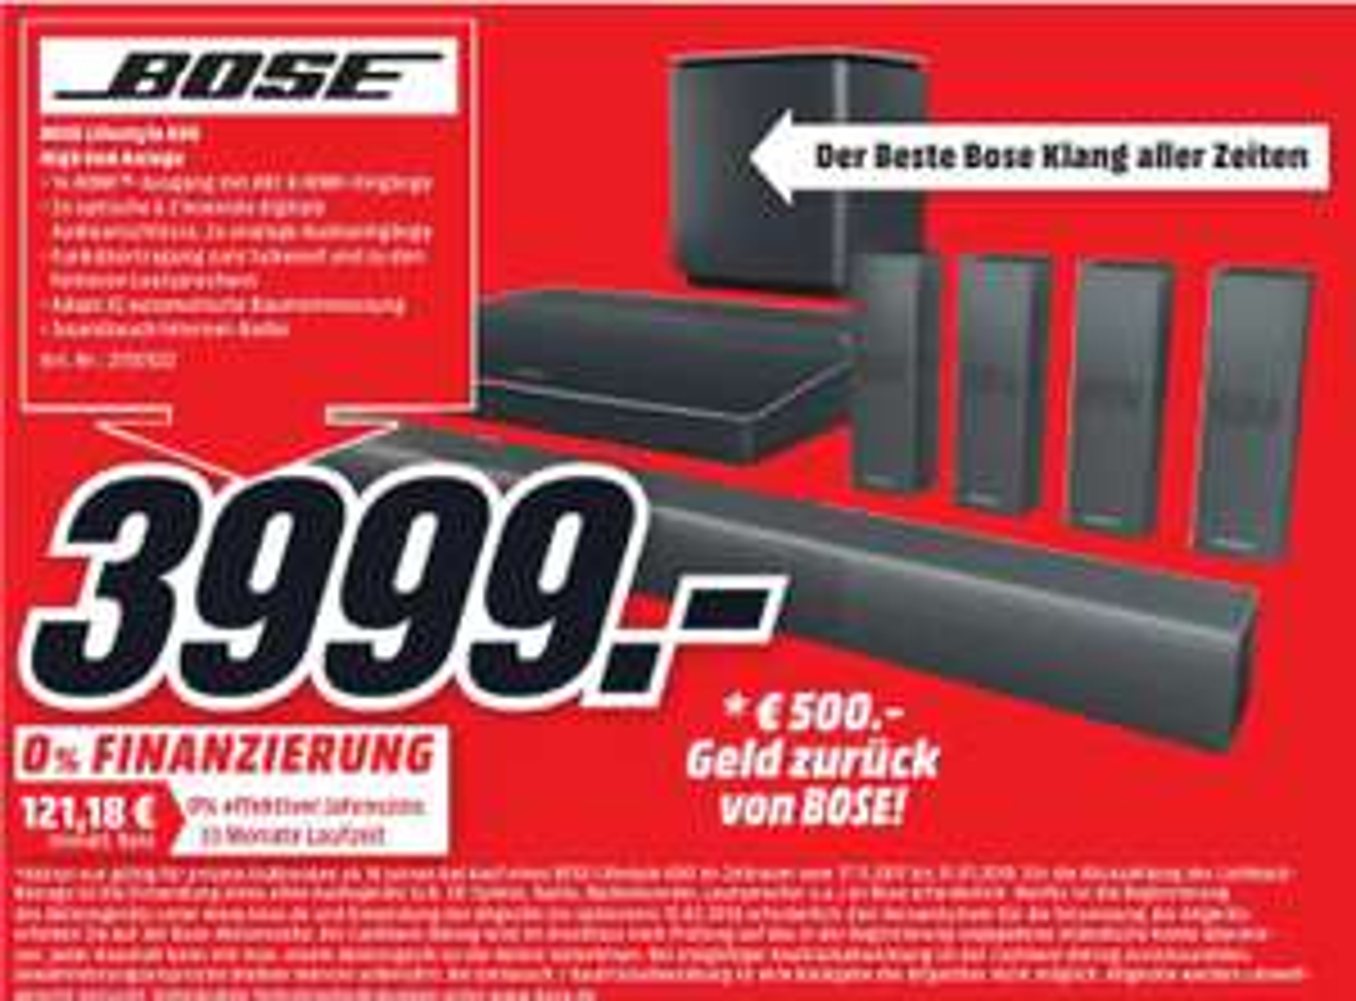 (MediaMarkt WOB) Bose Lifestyle 650 (+500€ Geld zurück bei Einsendung altes Audiogerät)